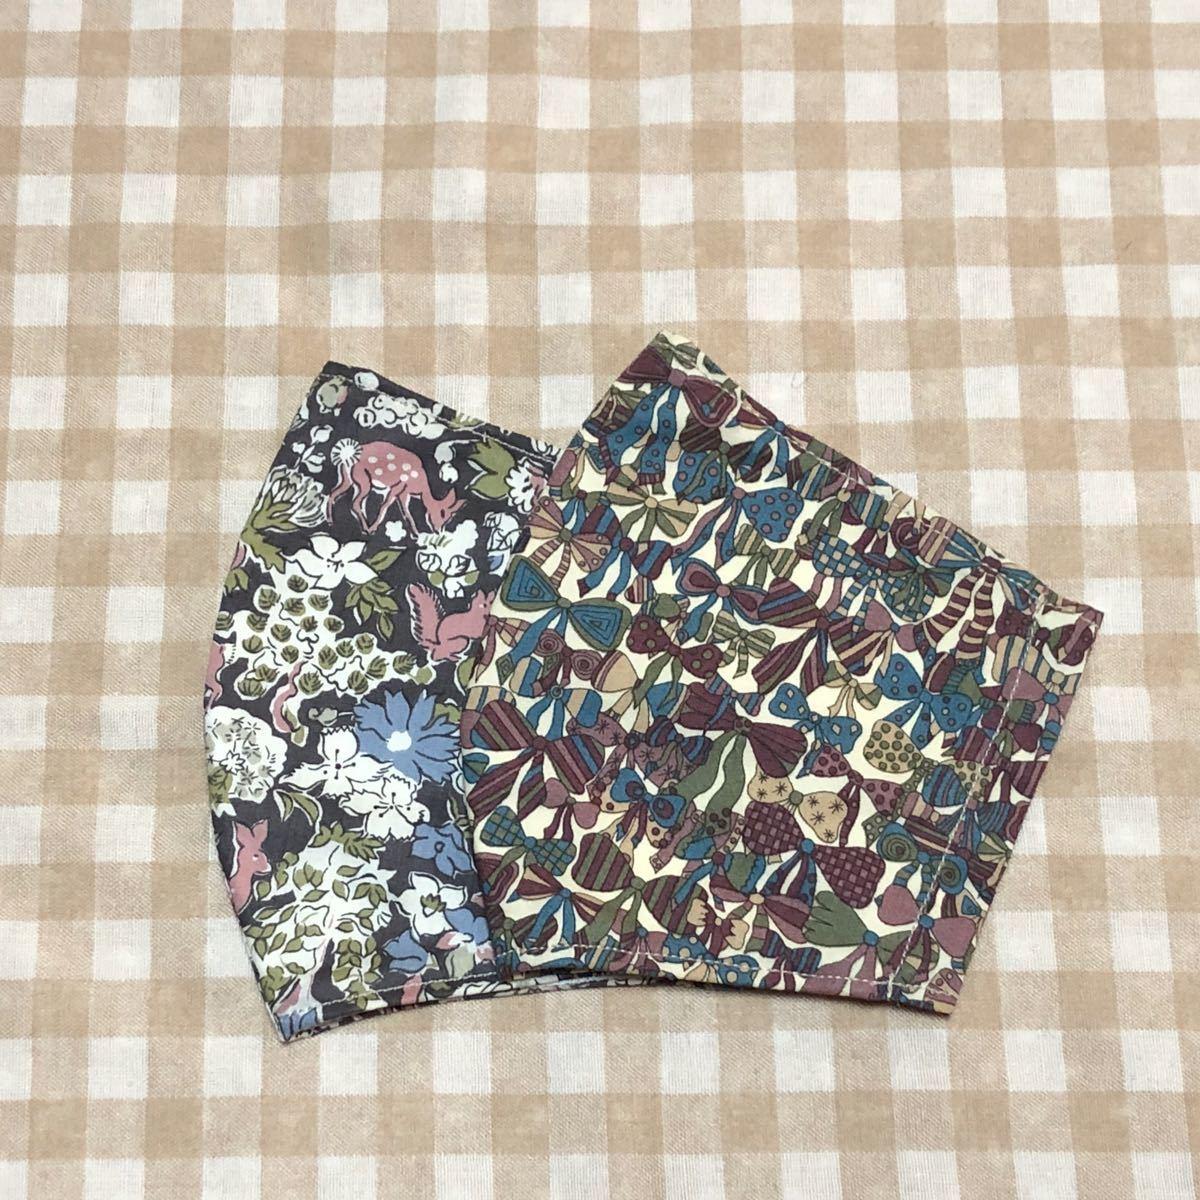 ★メルモ様専用〜2/24まで〜SALE〜ハンドメイド・高級リバティ×2枚セット(ポケット付)